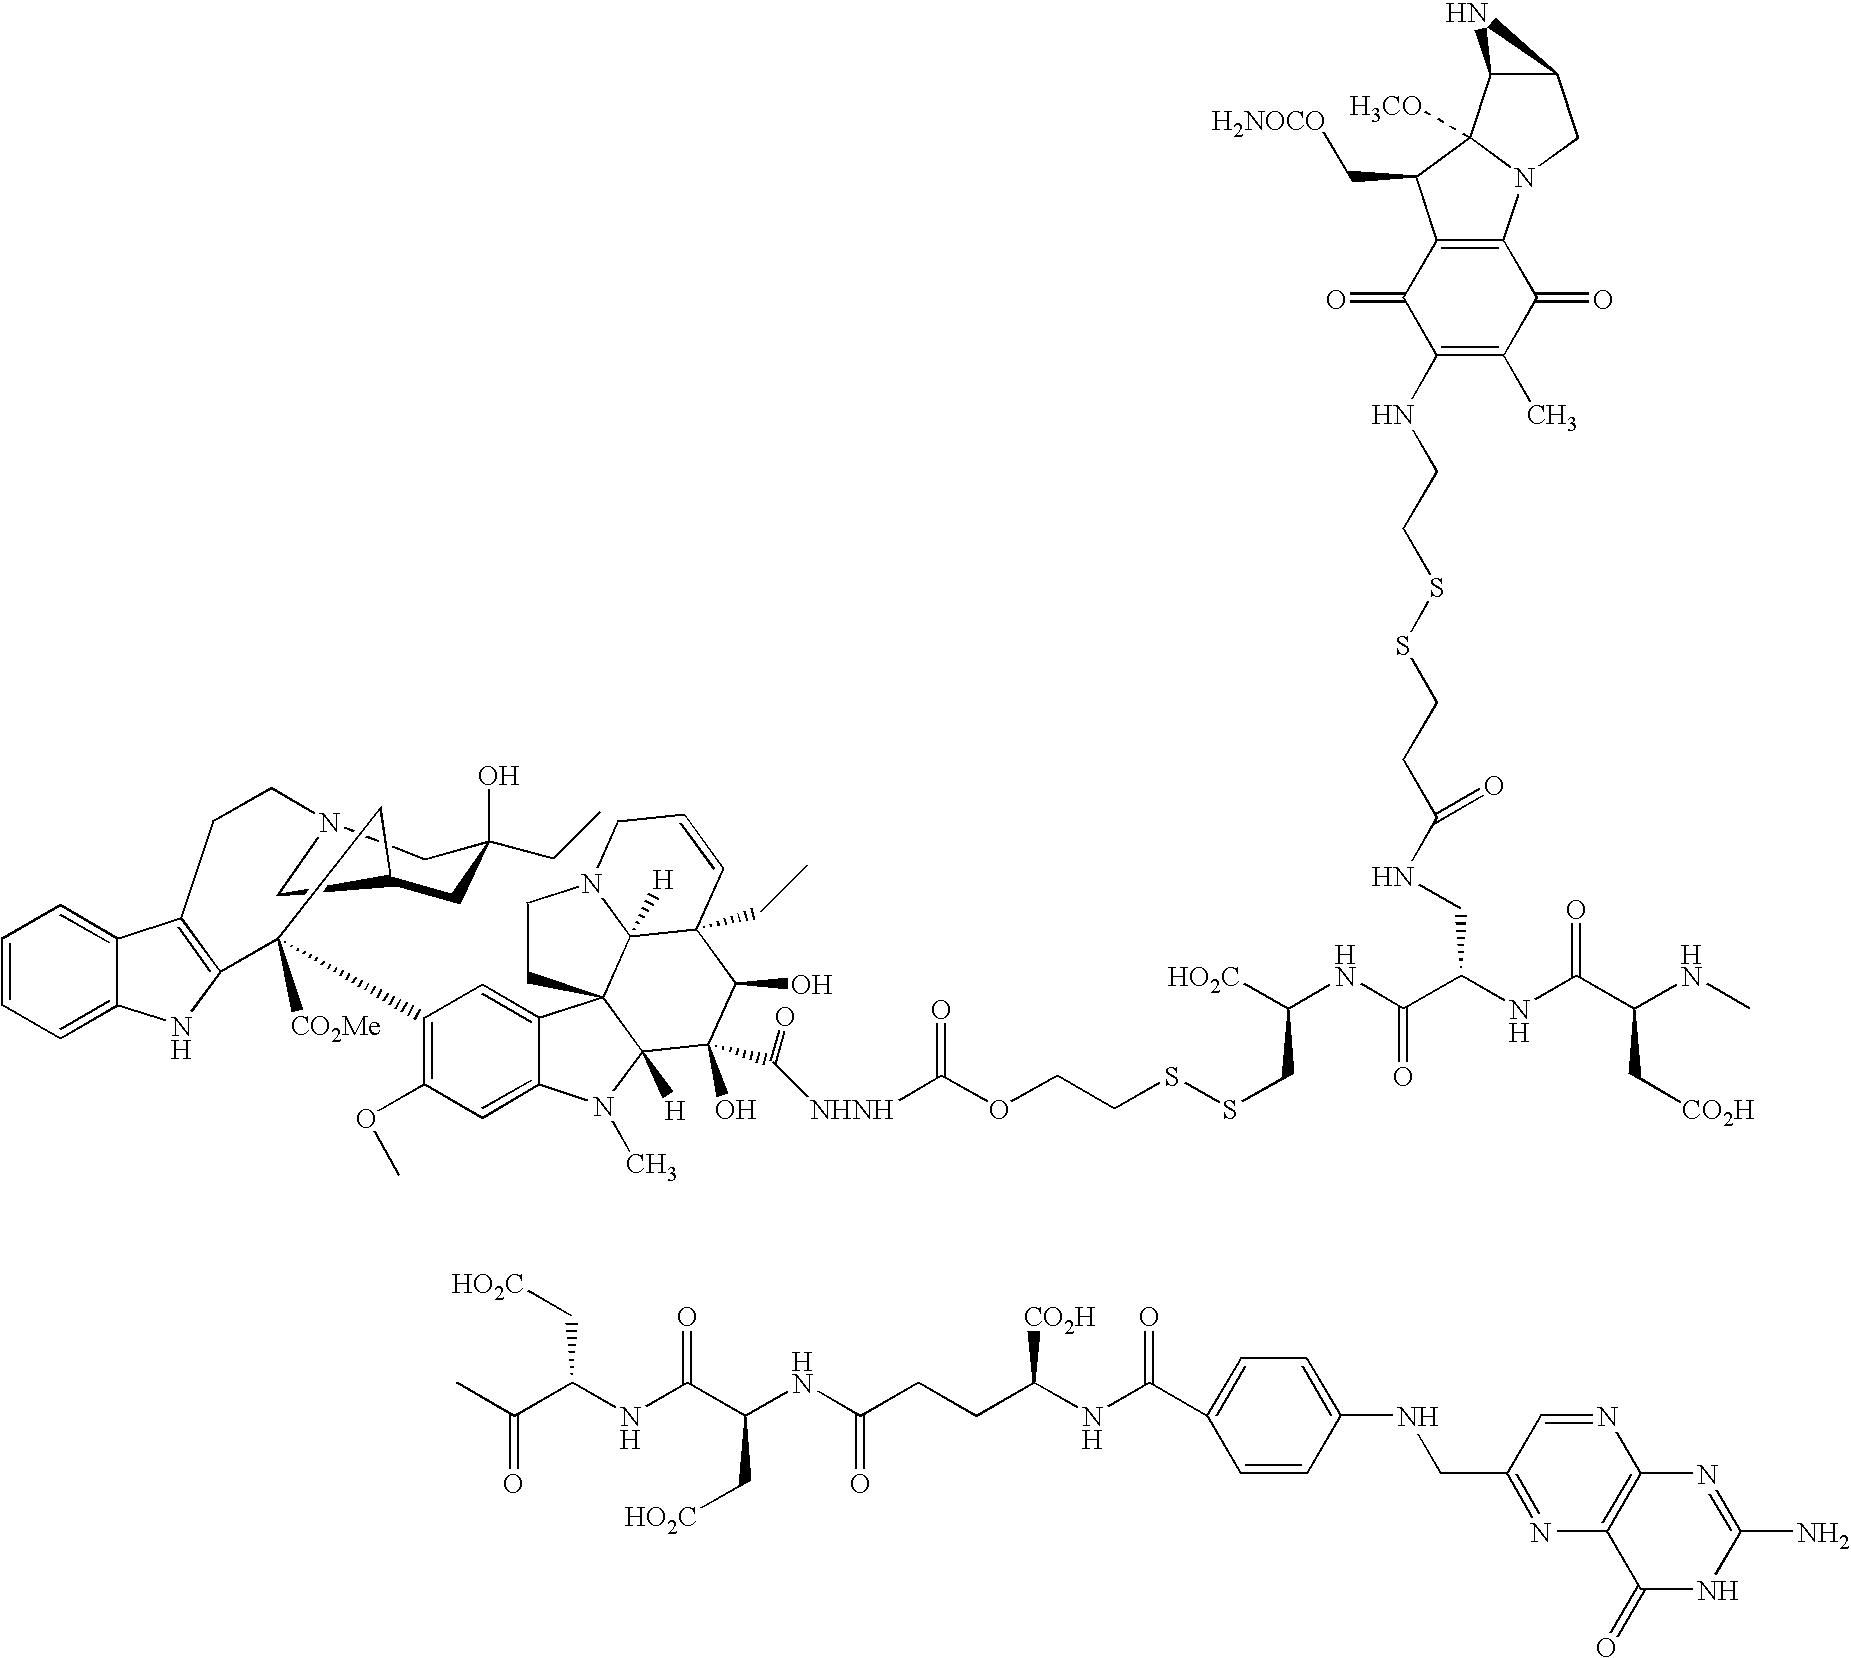 Figure US20080248052A1-20081009-C00125